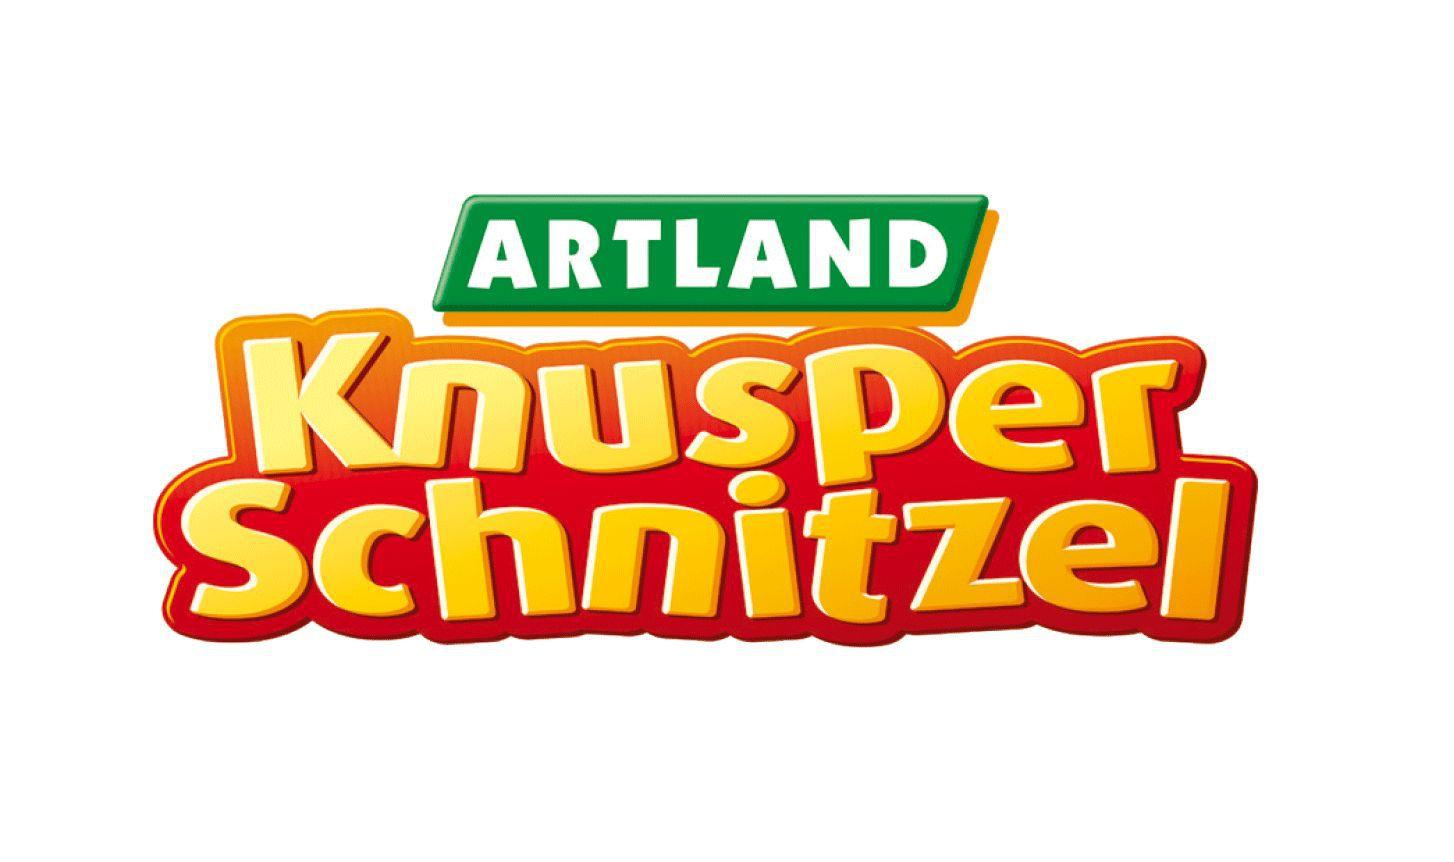 ARTLAND Knusper Schnitzel